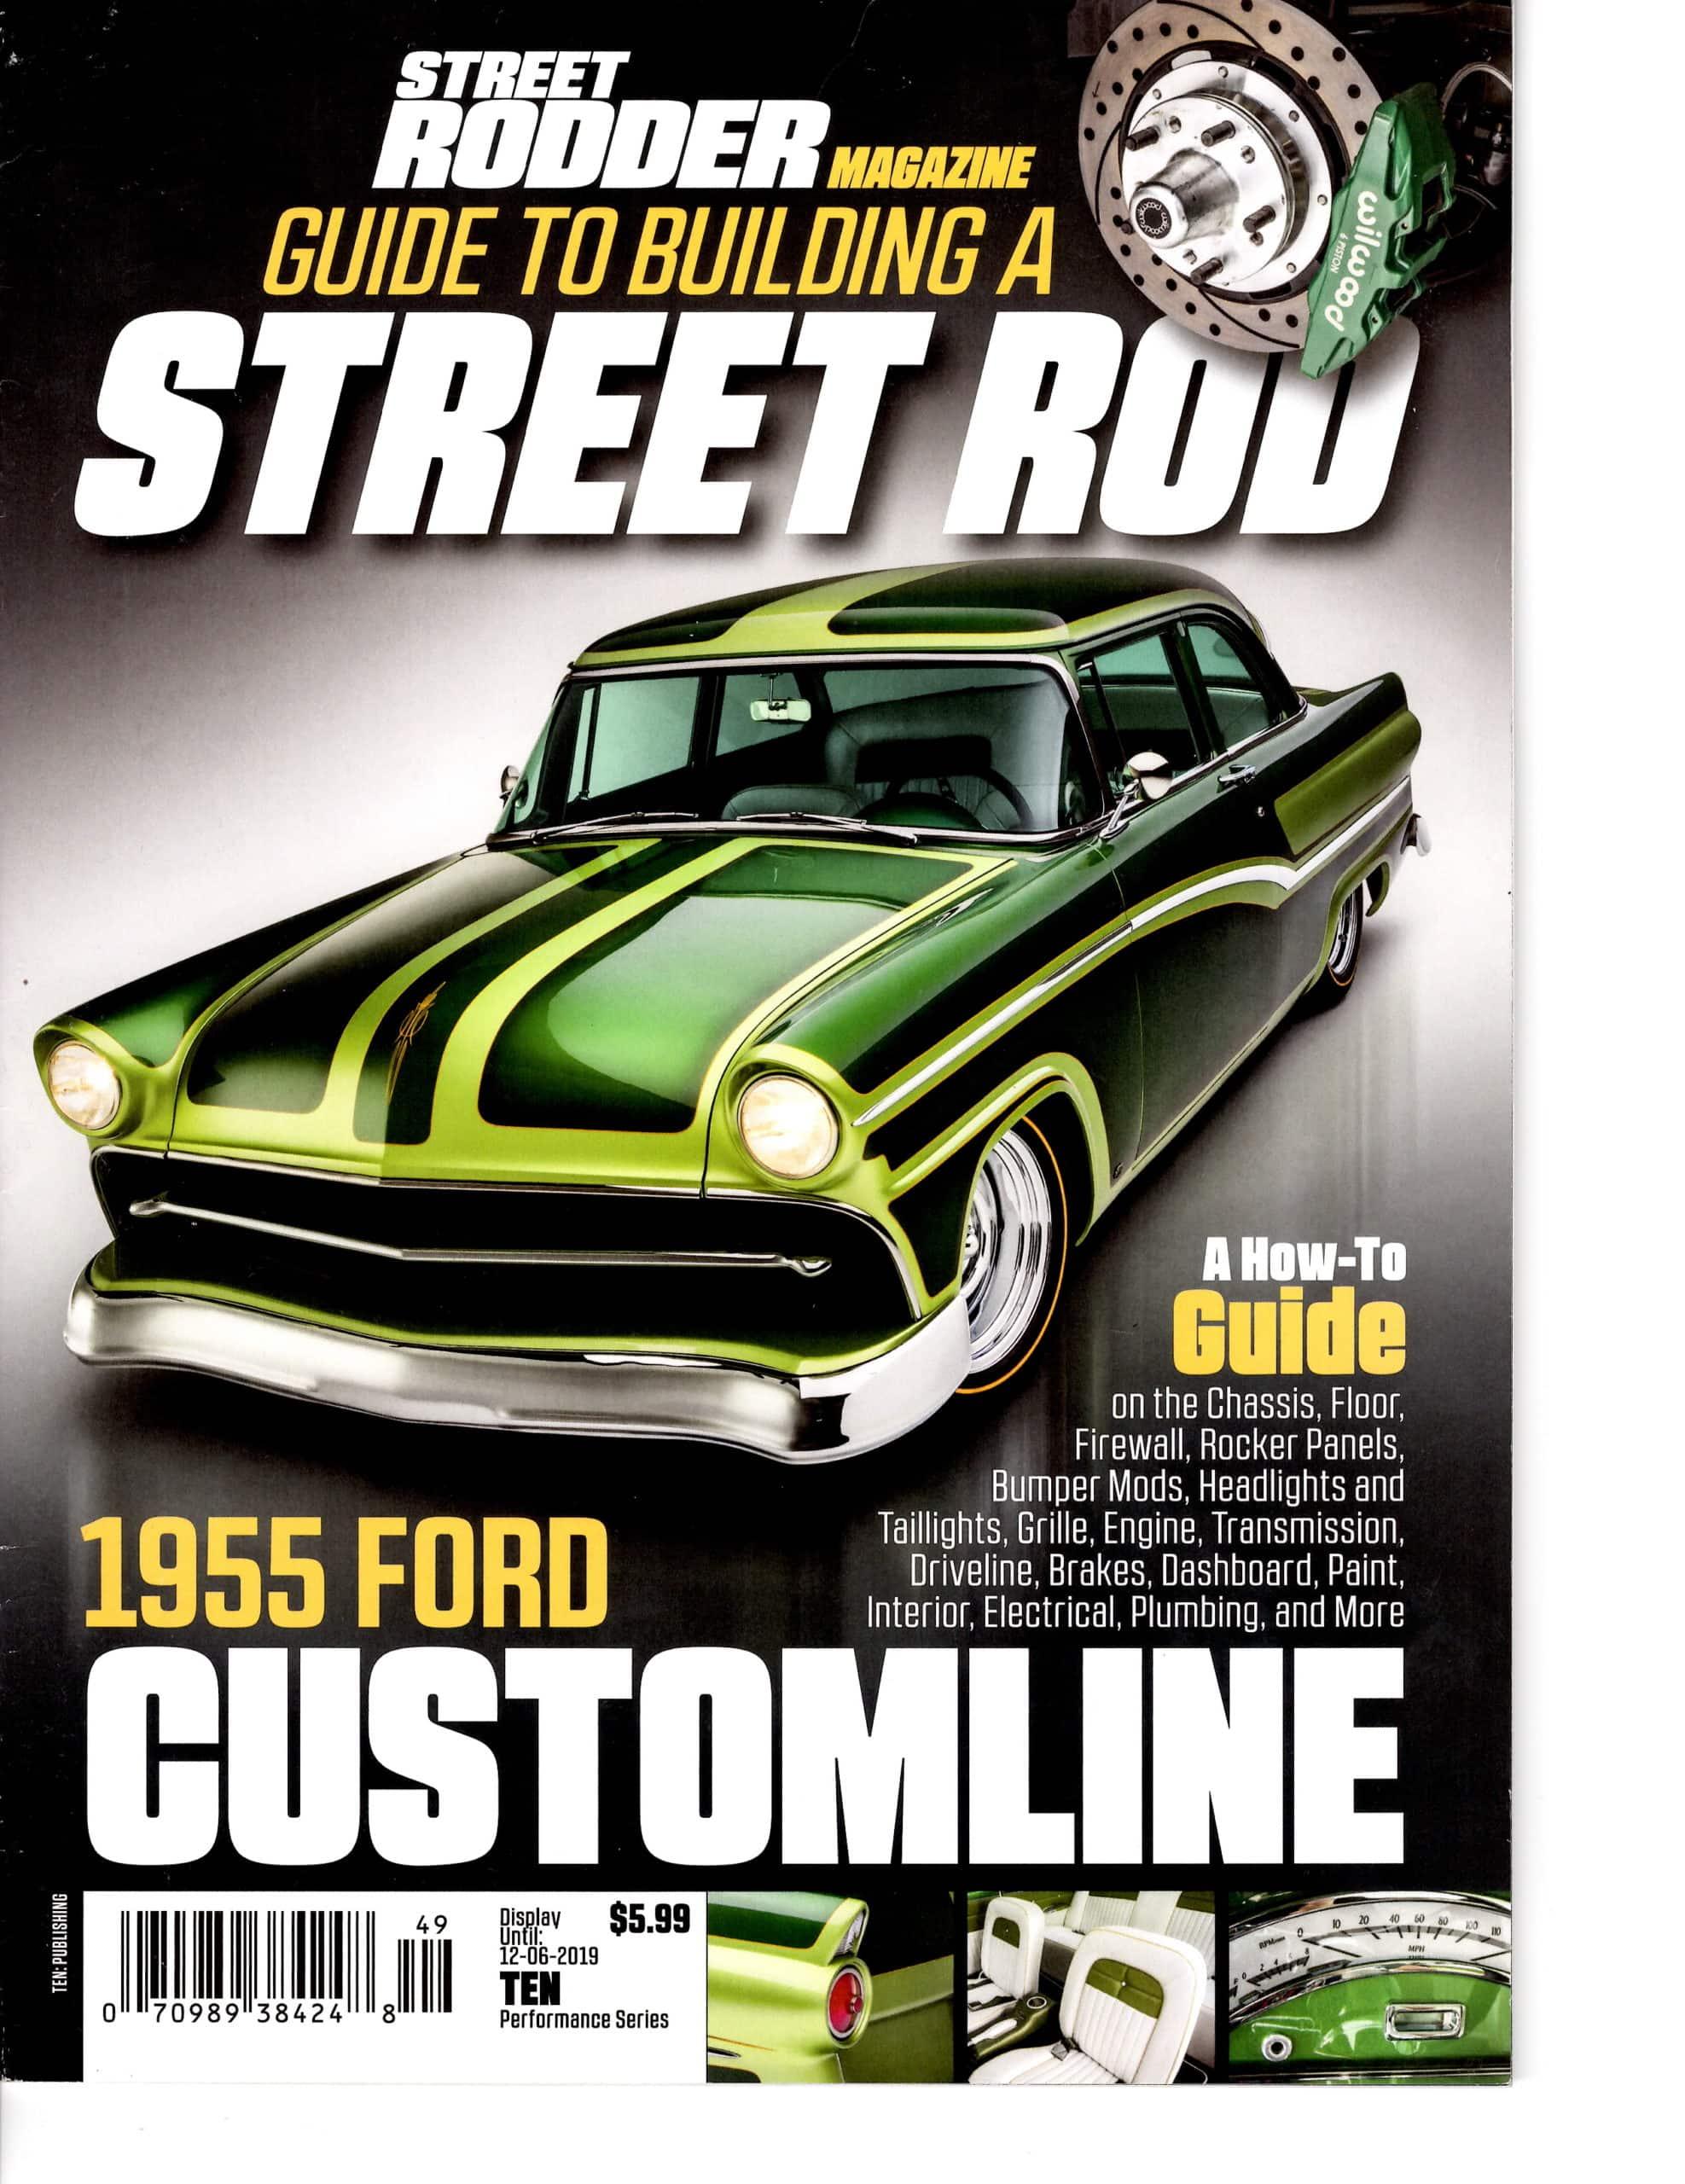 Street Rodder Magazine Cover 12-6-2019